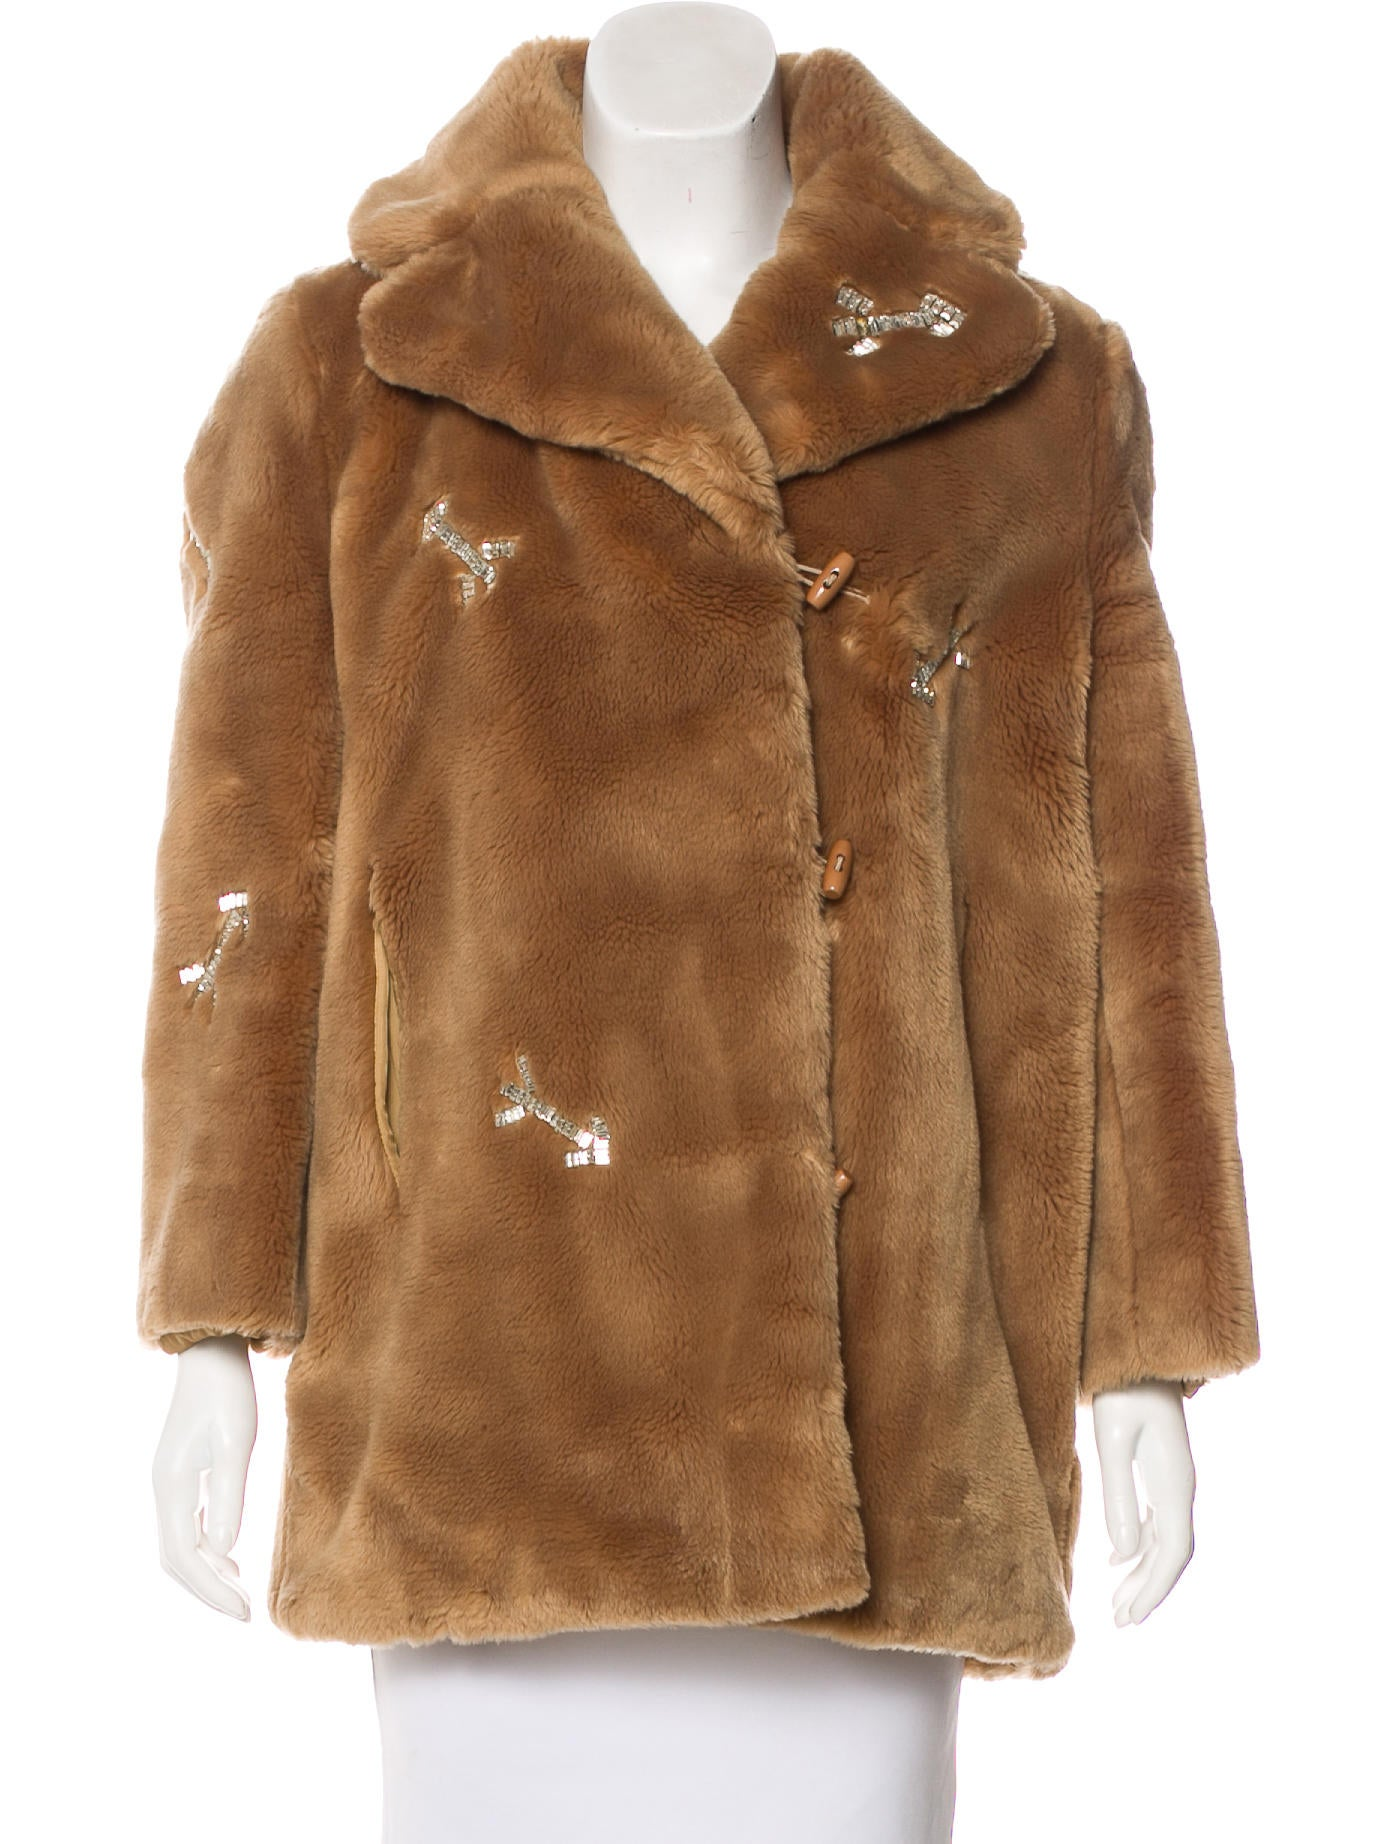 Carven Rhinestone Embellished Faux Fur Coat Clothing